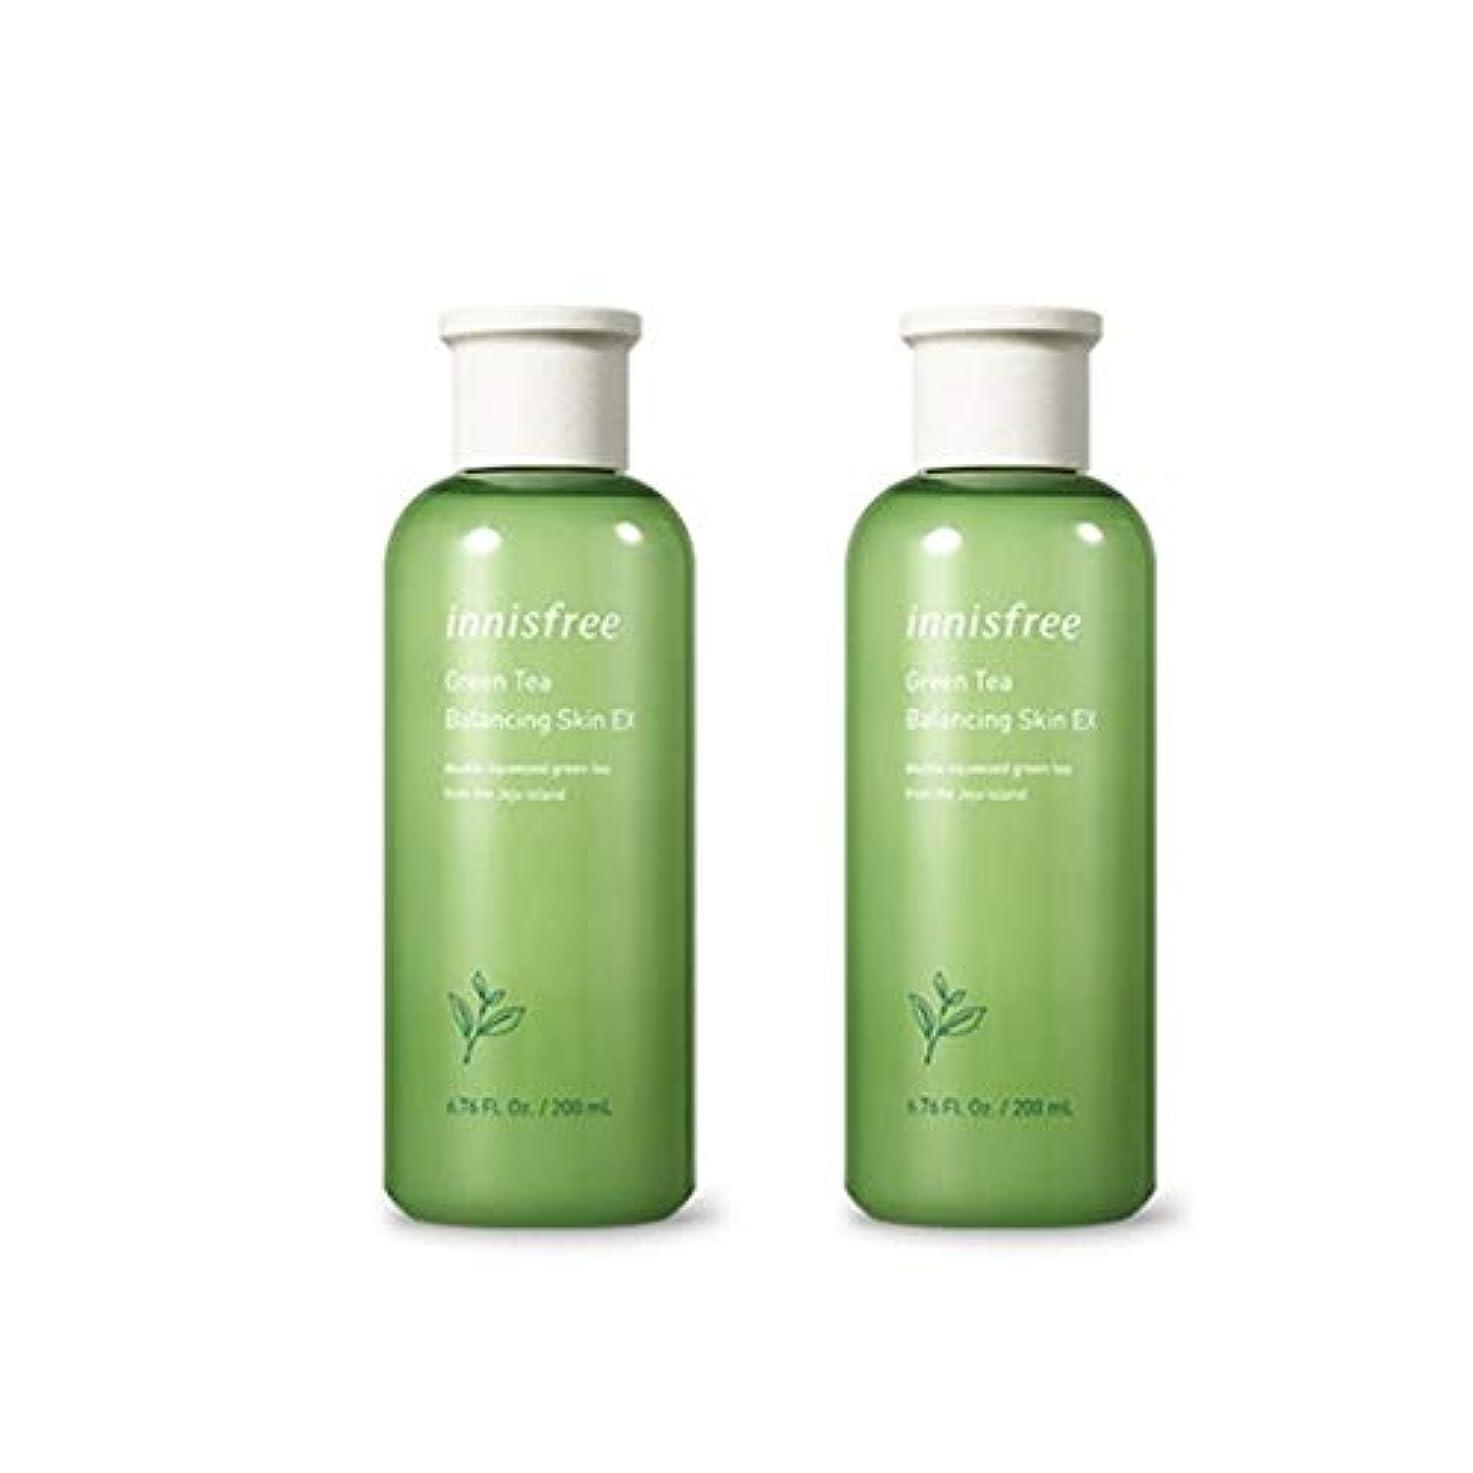 記念無視する十分イニスフリーグリーンティーバランシングスキンEX 200mlx2本セット韓国コスメ、innisfree Green Tea Balancing Skin EX 200ml x 2ea Set Korean Cosmetics...